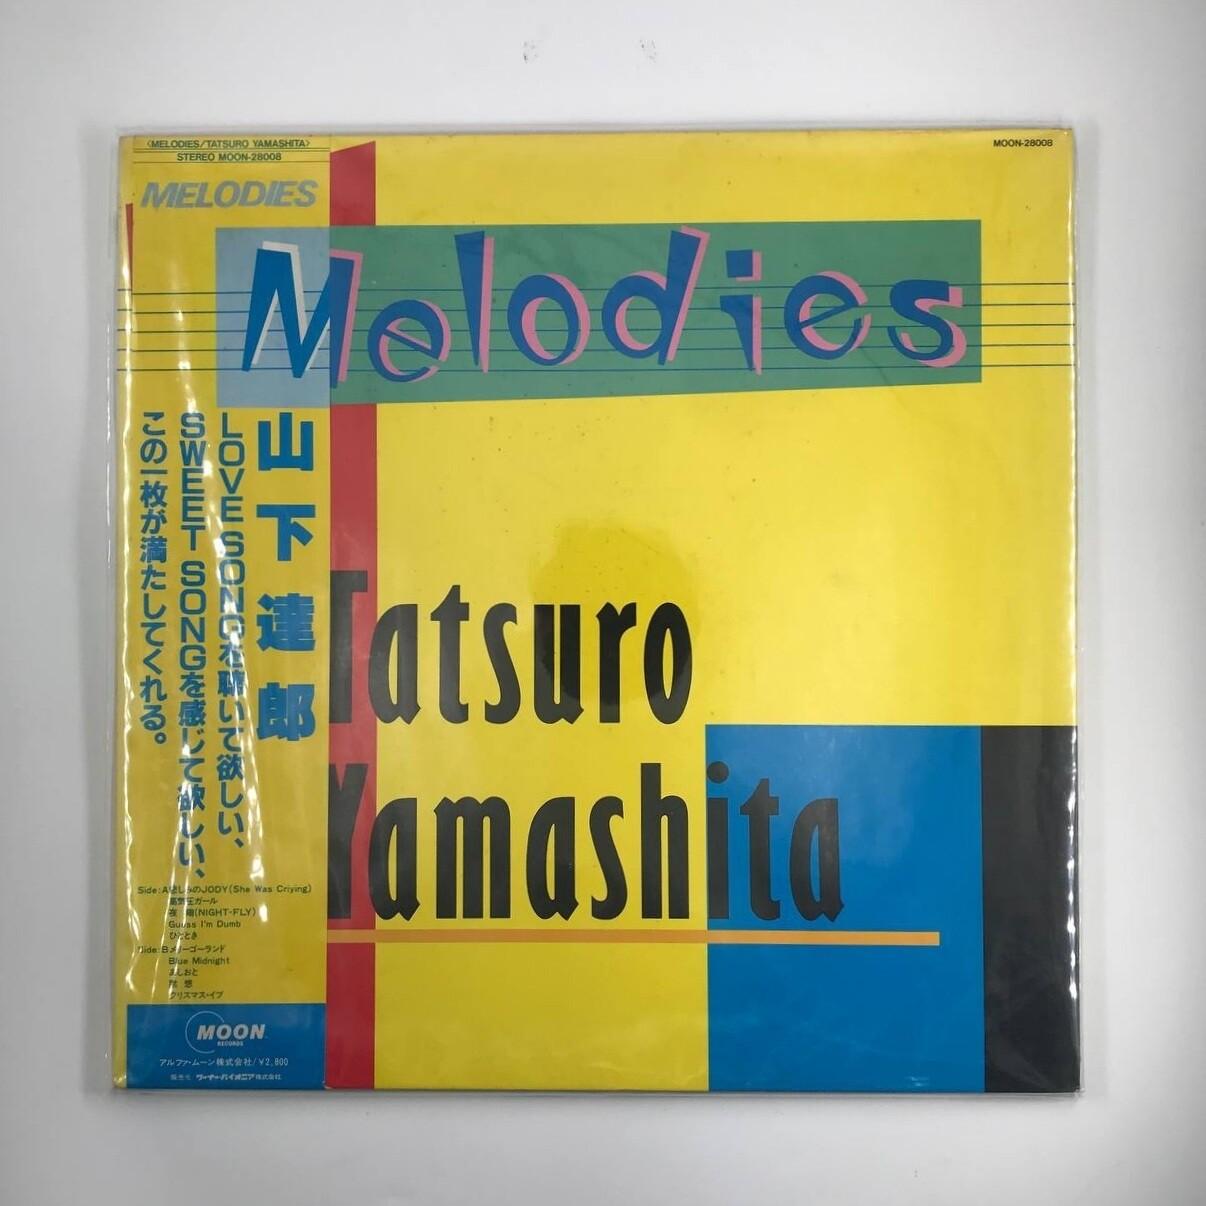 [USED] TATSURO YAMASHITA -MELODIES- LP